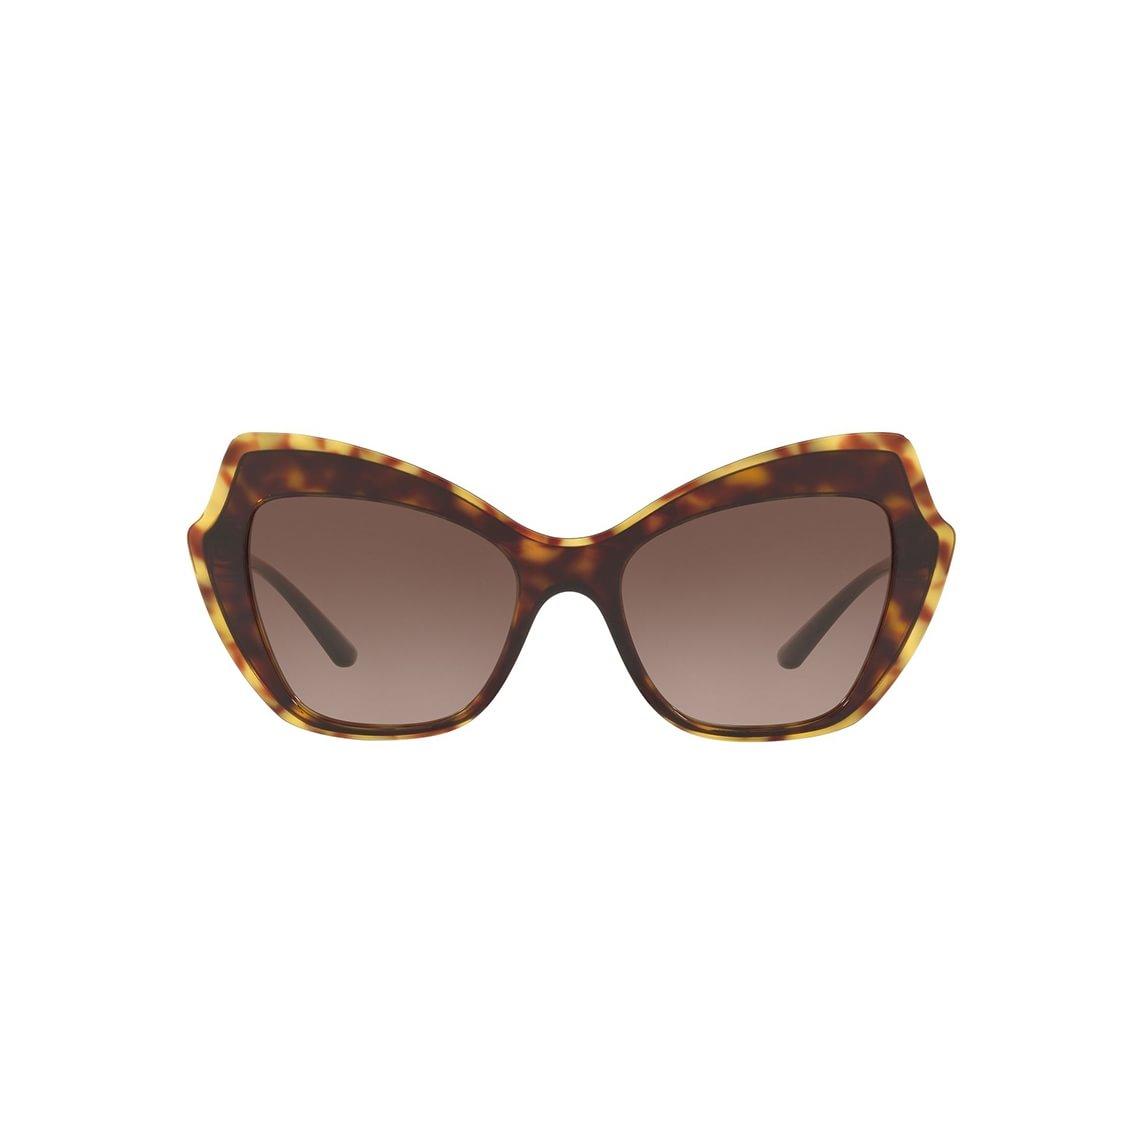 Dolce & Gabbana 0DG4361 52 502/13